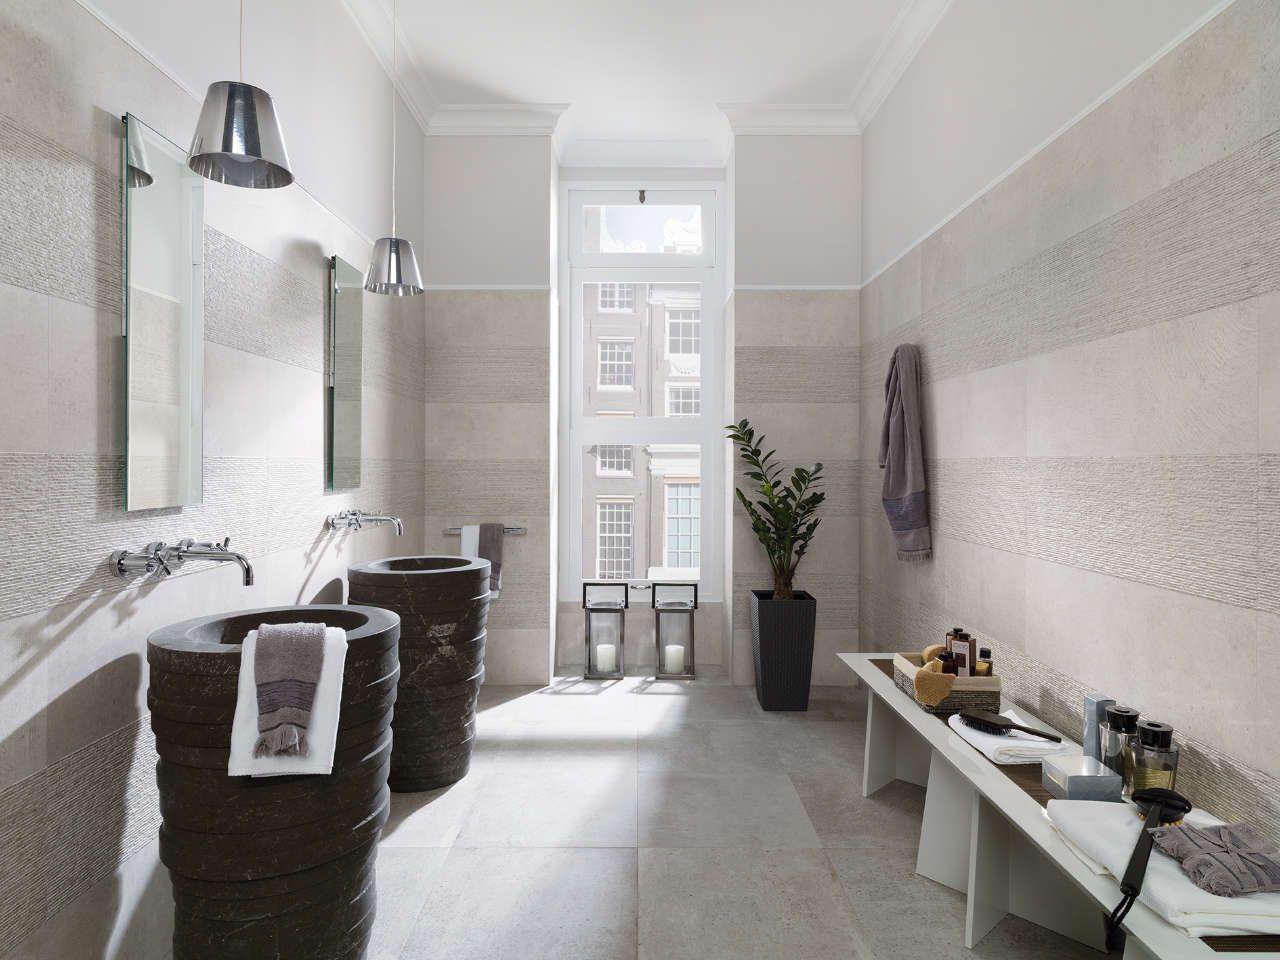 Colori bagno ~ Piastrelle a mosaico per il bagno eccone bellissimi esempi